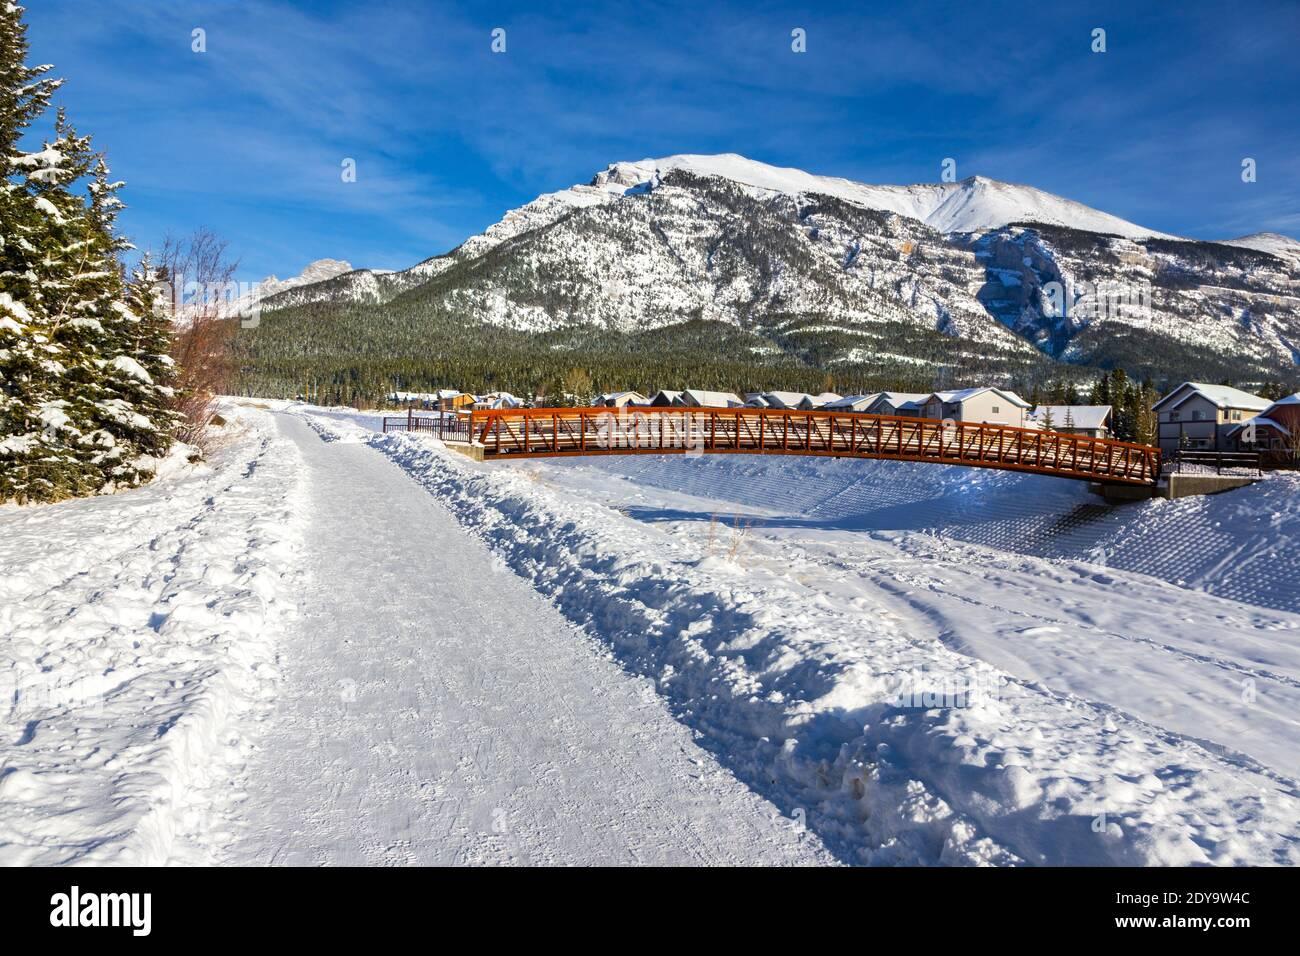 snowy-footpath-and-wood-pedestrian-bridg